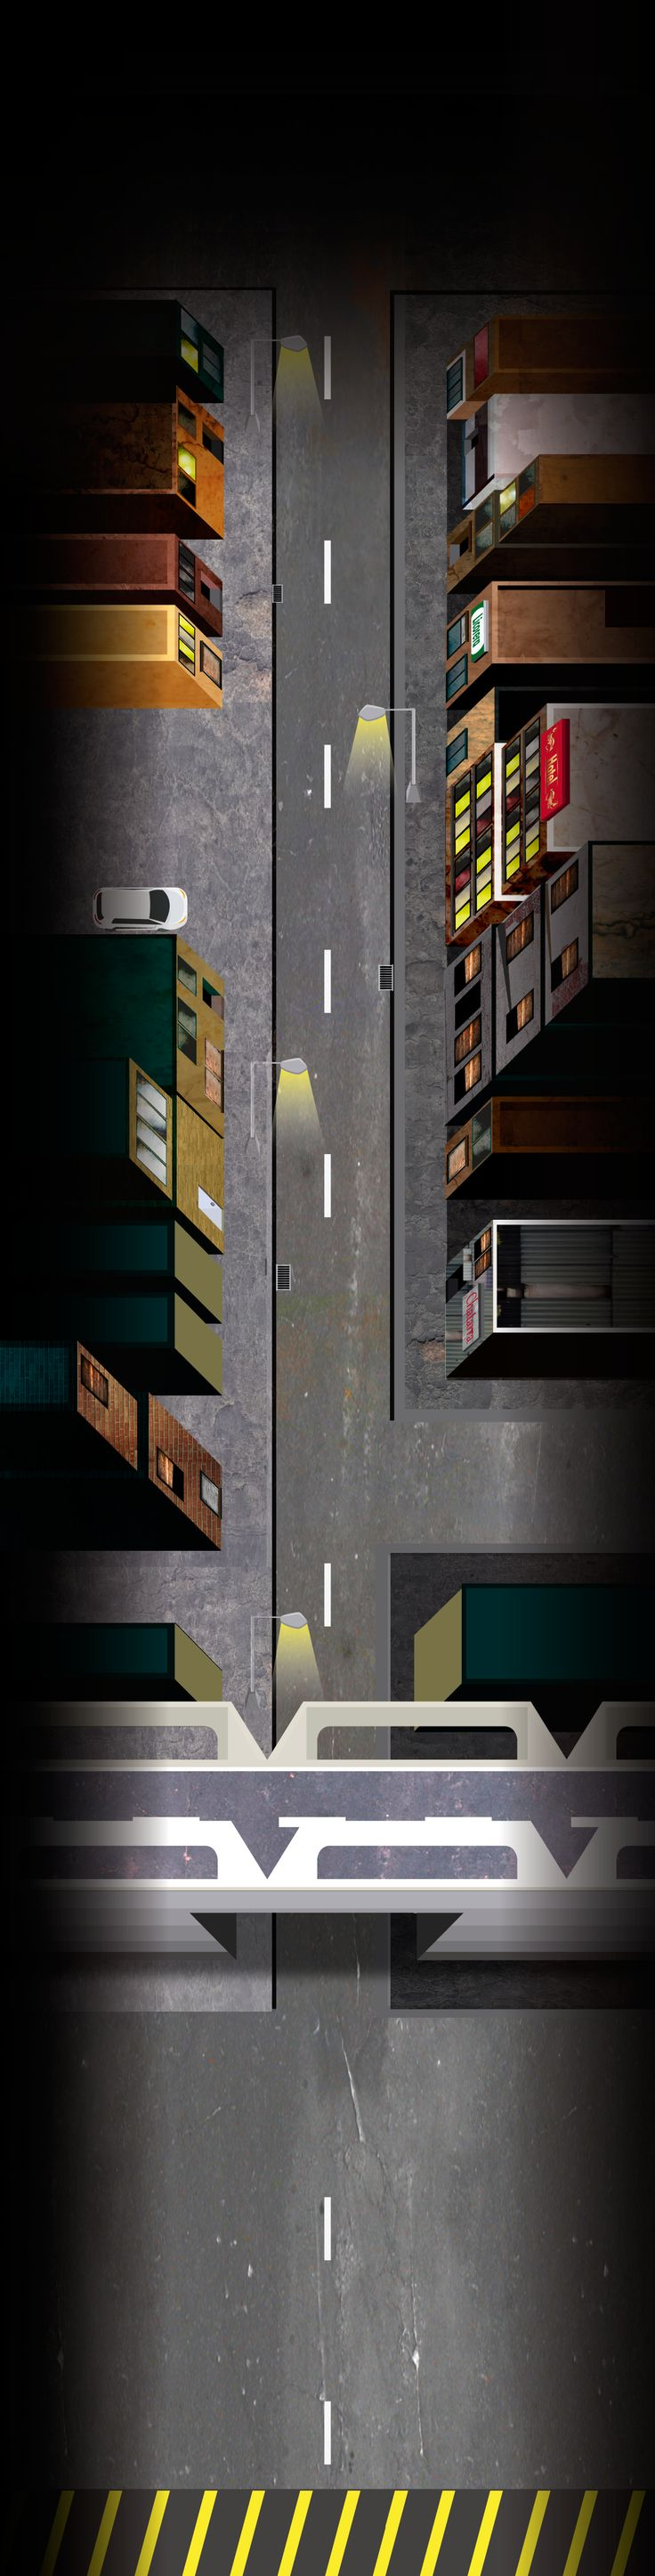 Comienzo de proyecto ilustración interfaz.  Codigo realizado por: Natalia Betancur Interfaz: Carlos Mario Narváez Mejía